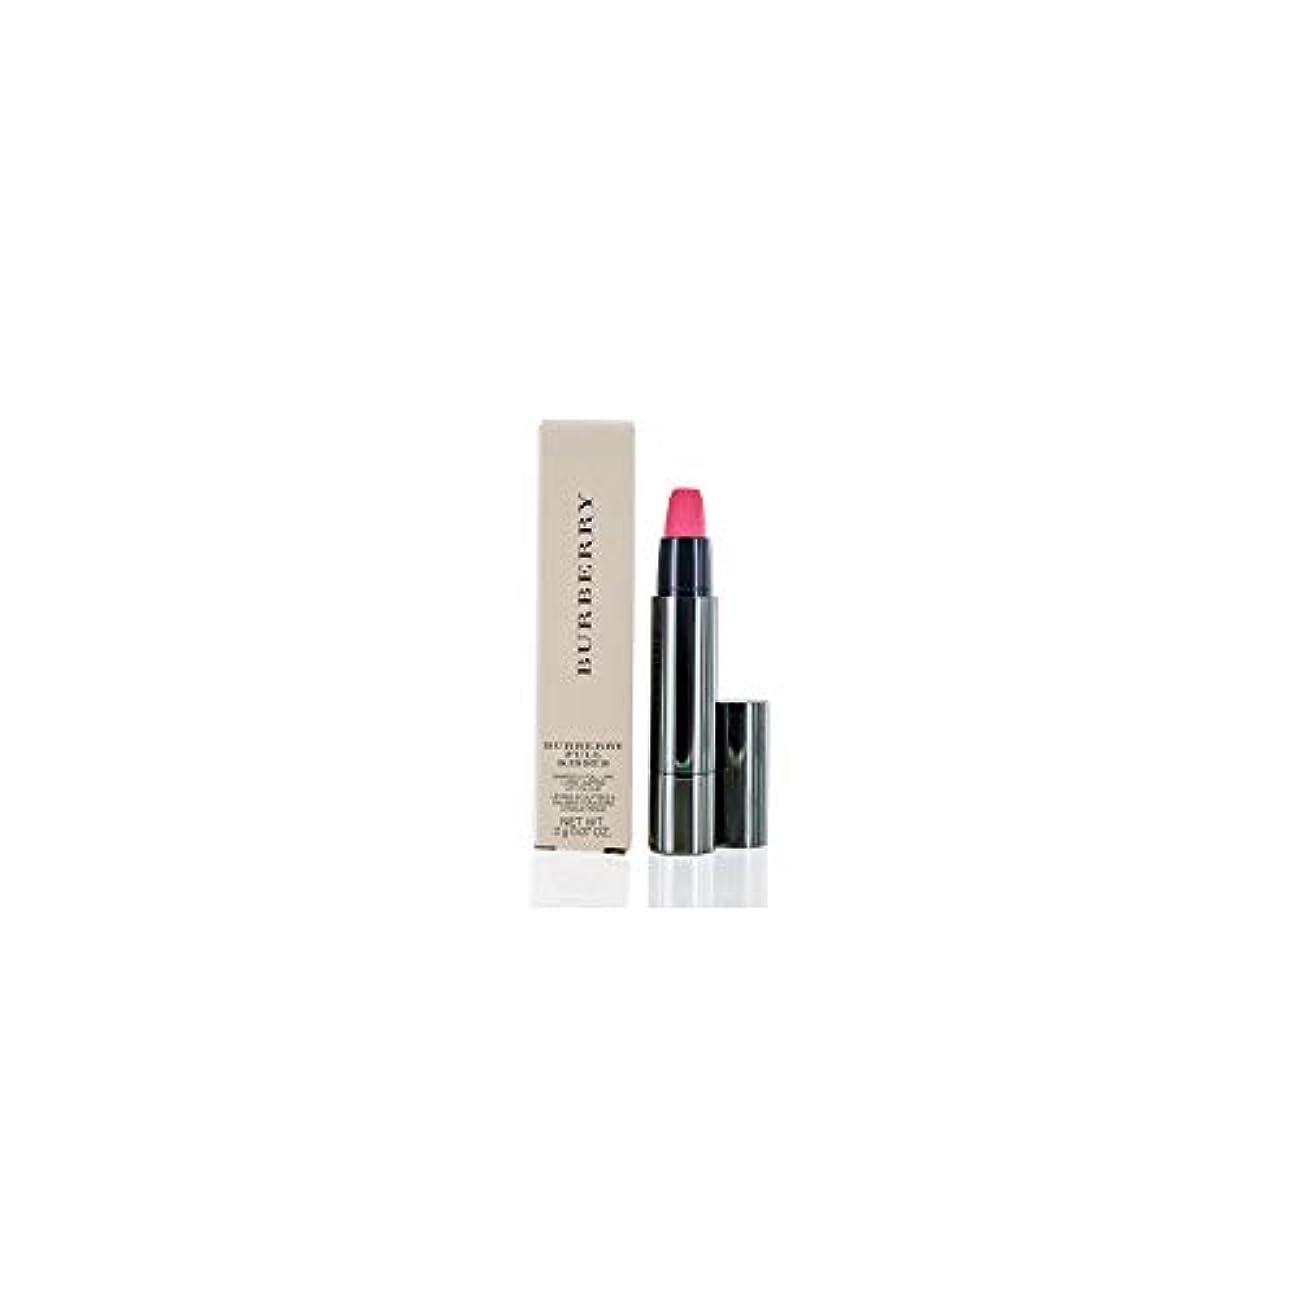 等価それにもかかわらずわなバーバリー Burberry Full Kisses Shaped & Full Lips Long Lasting Lip Colour - # No. 513 Peony Rose 2g/0.07oz